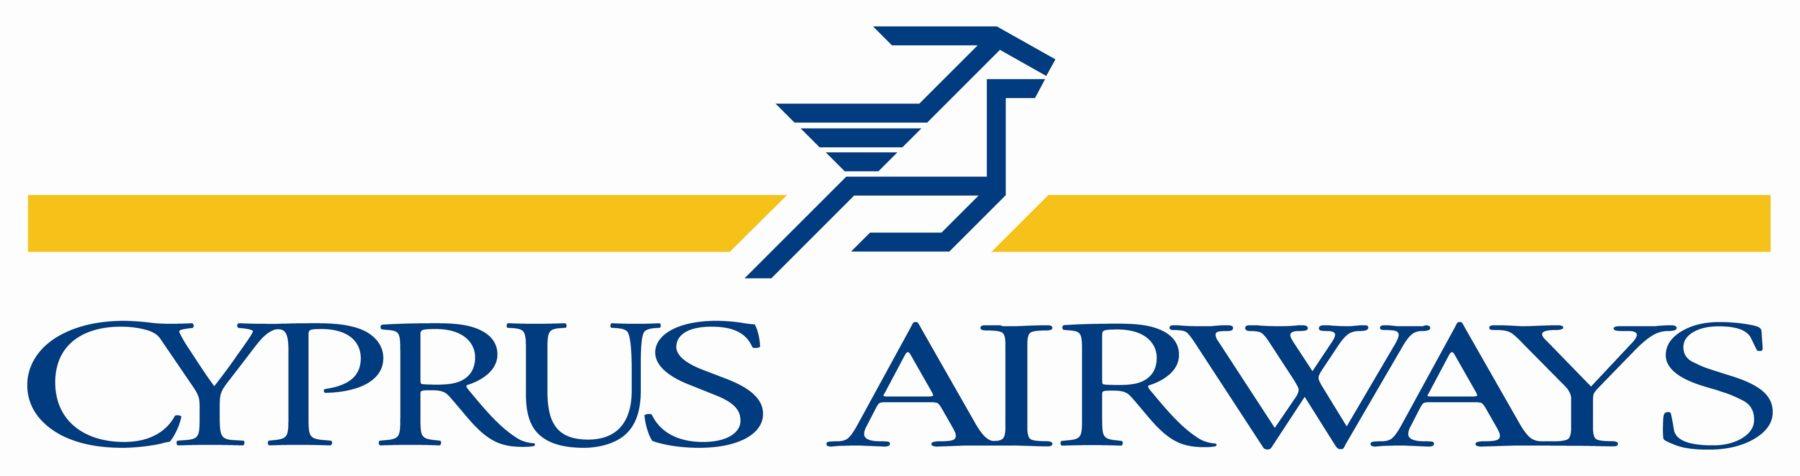 Réserver un billet d'avion Cyprus Airways par téléphone